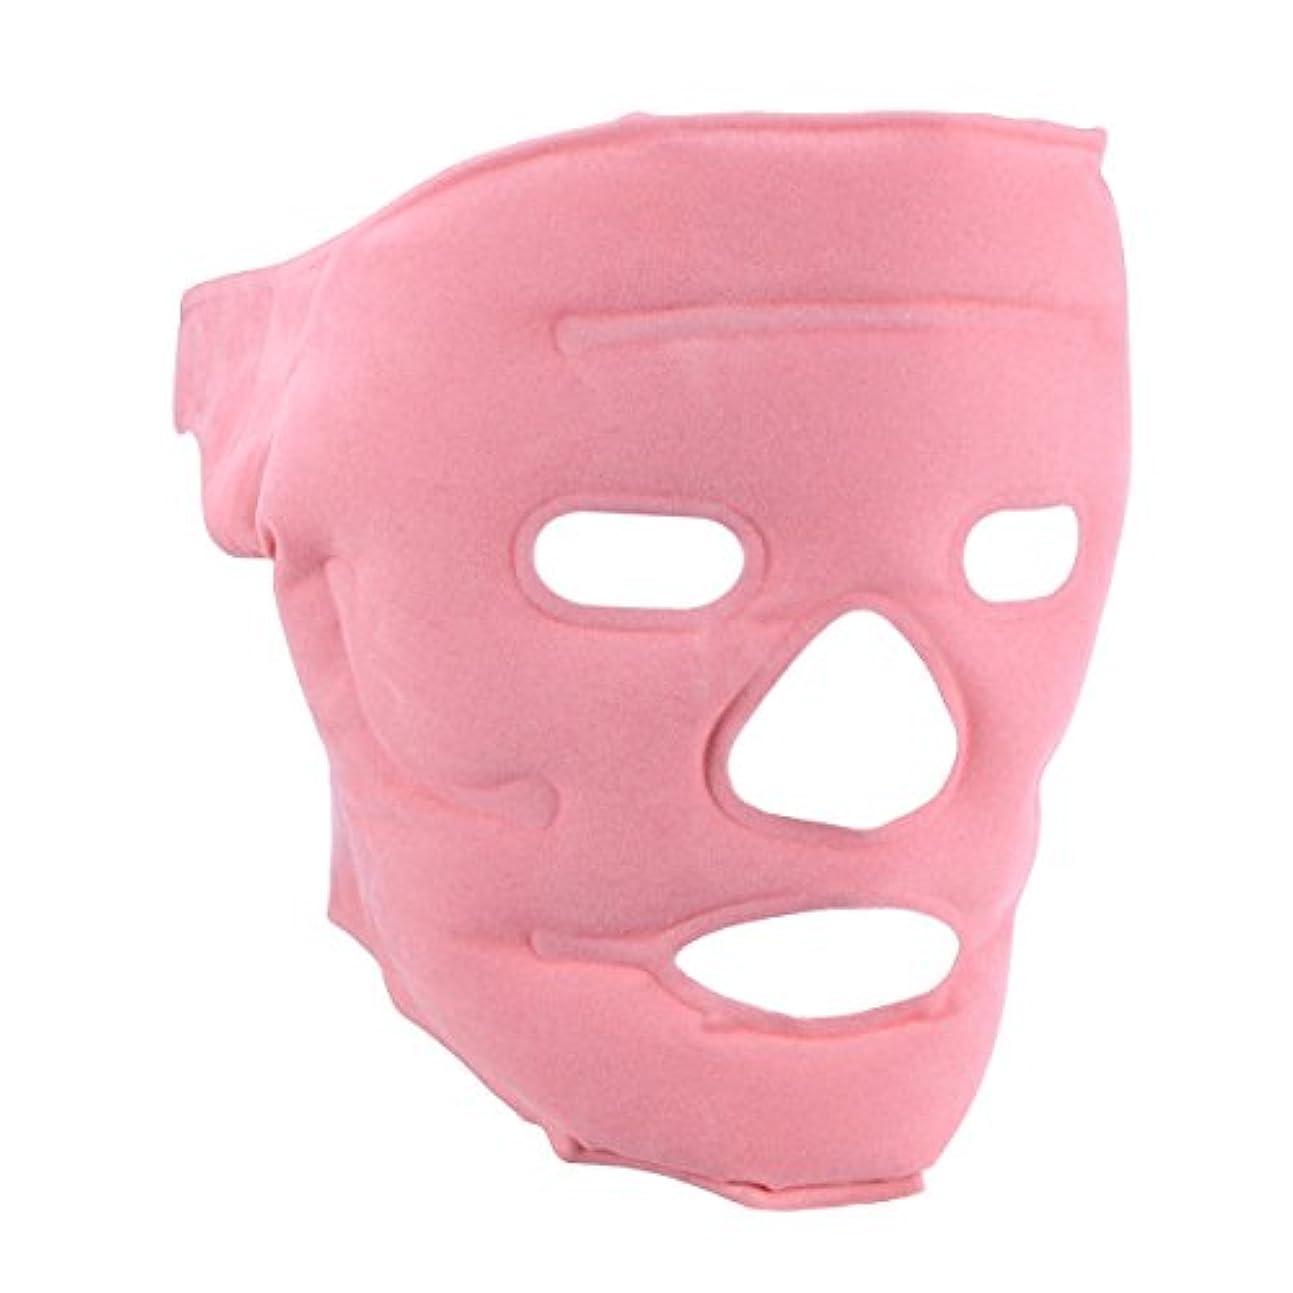 そして市長有用ROSENICE フェイシャルマスクトルマリンジェルマグネットフェイシャルマスクスリム化フェイスパウチ(ピンク)